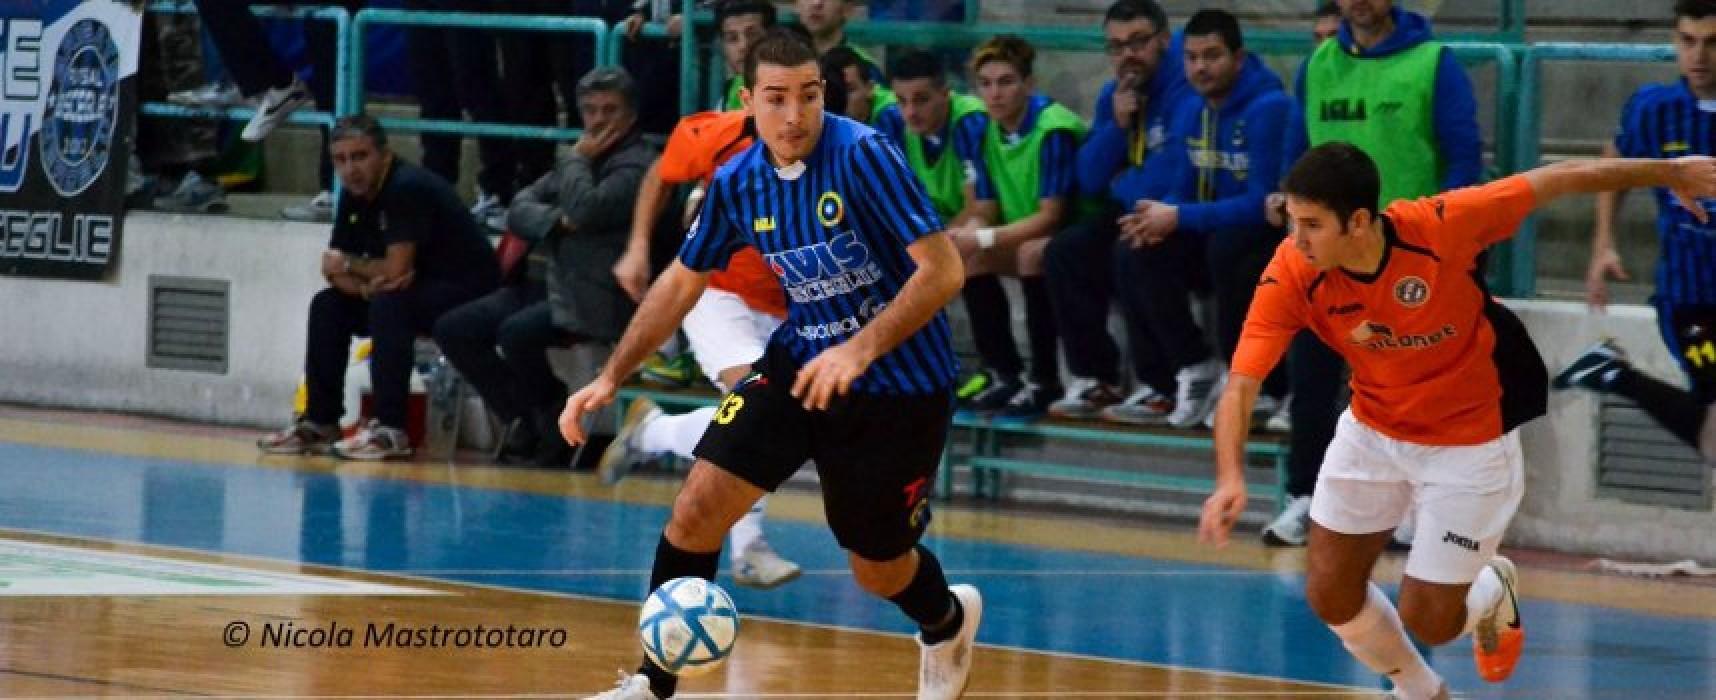 Futsal Bisceglie; Cassanelli rinnova sino al 2016, Rueda in prestito al Futsal Canosa